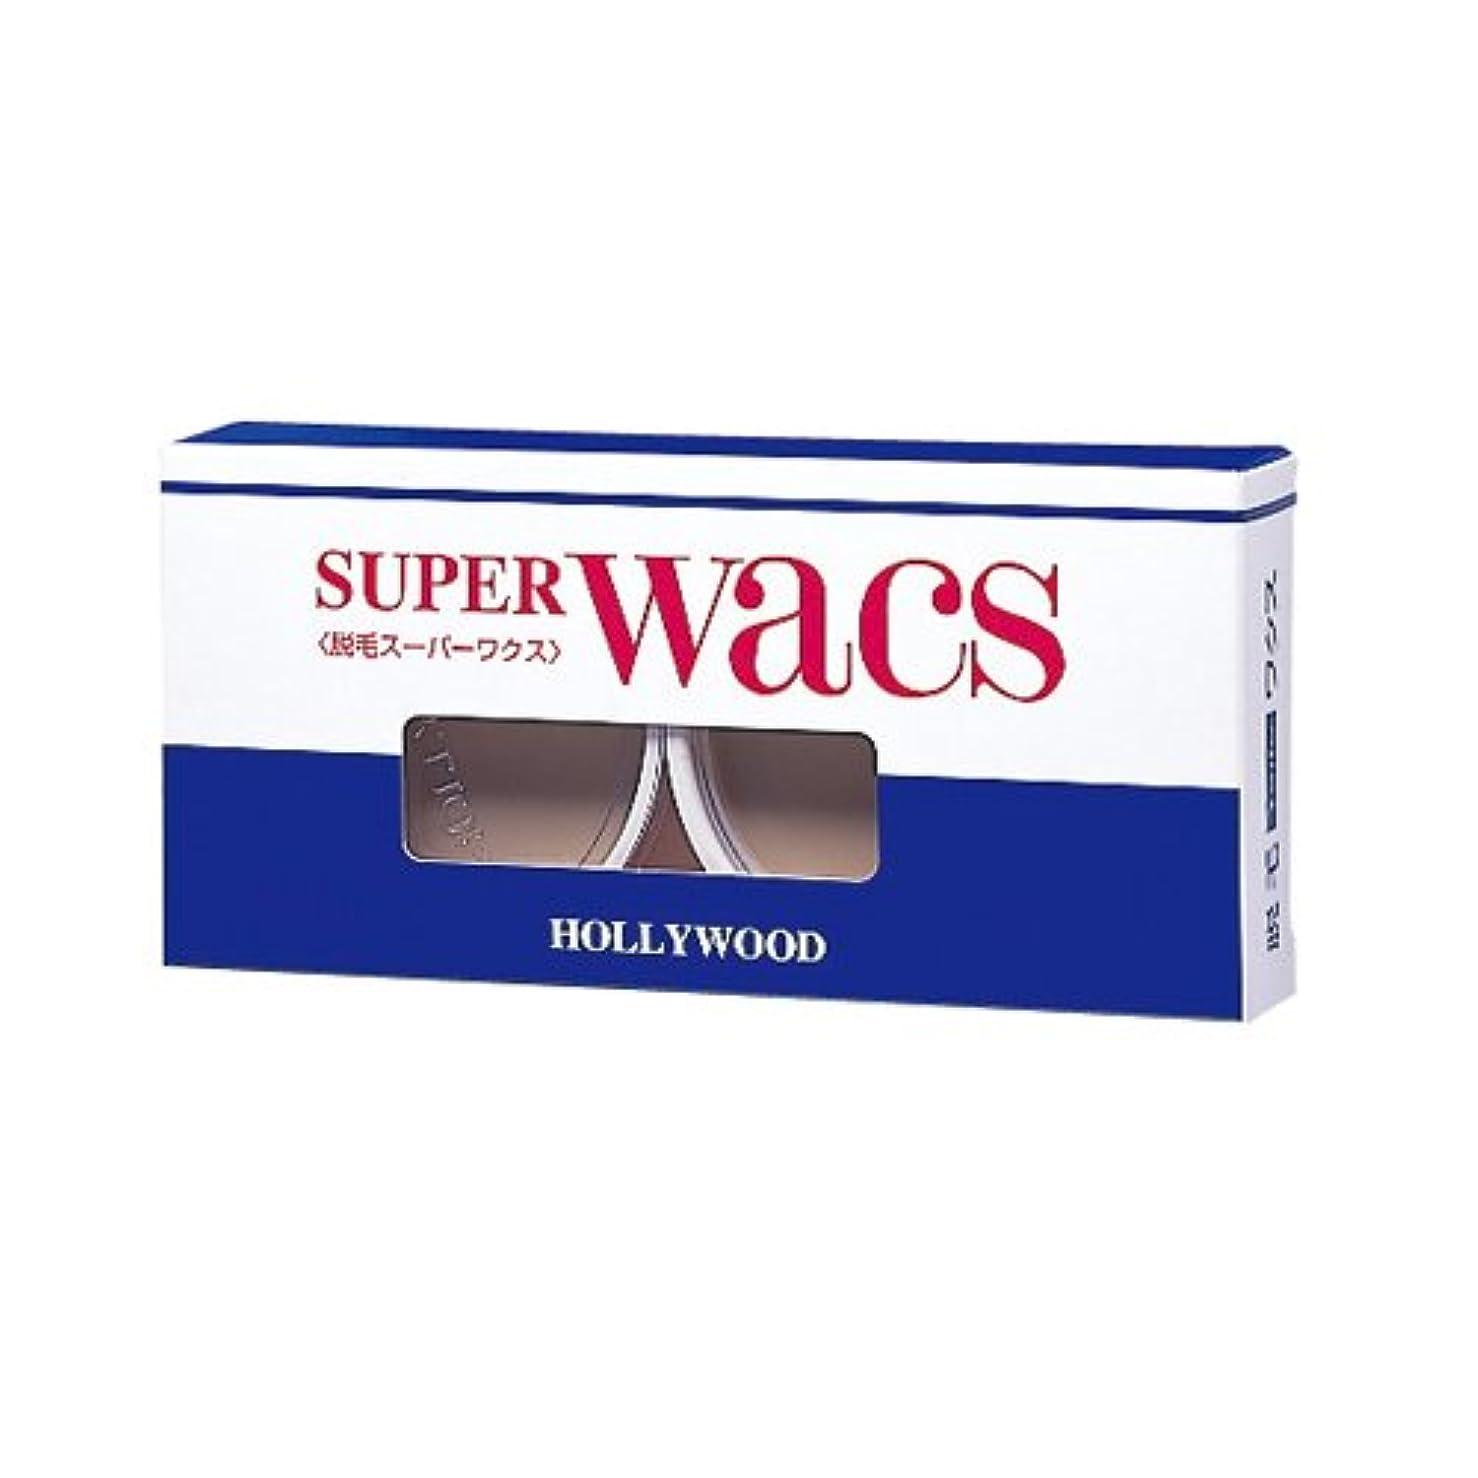 過剰薬一方、ハリウッド 脱毛スーパーワクス (強力) (50g × 2)